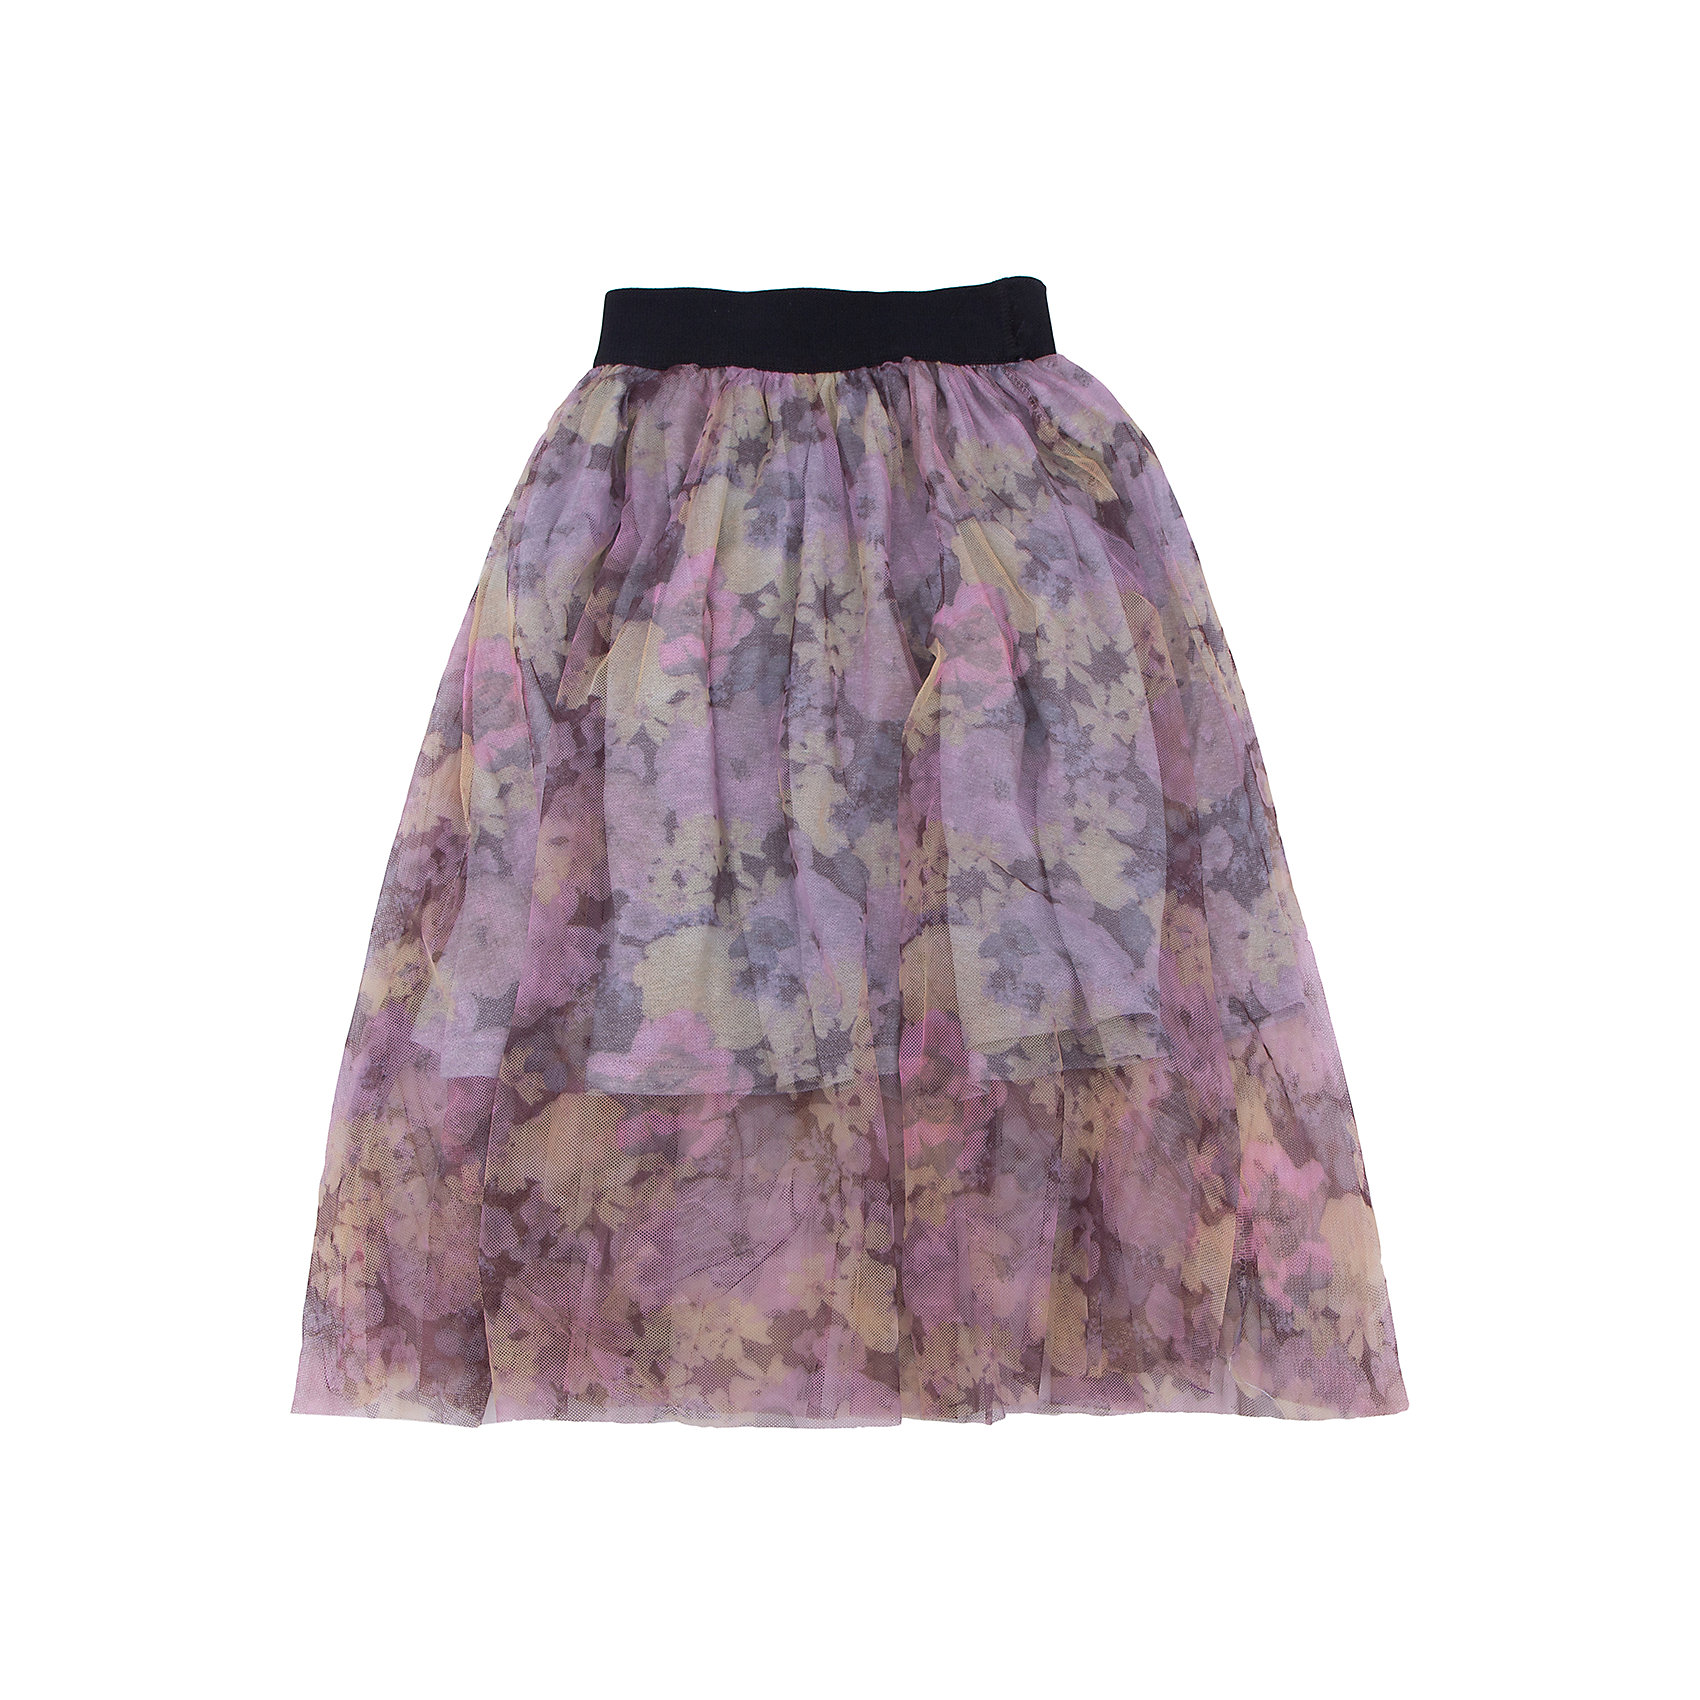 Юбка для девочки LuminosoХарактеристики товара:<br><br>- цвет: розовый;<br>- материал: верх - 100% полиэстер, низ - 95% хлопок, 5%эластан;<br>- декорирована принтом;<br>- пояс - мягкая резинка;<br>- эффект 3D рисунка.<br><br>Стильная одежда от бренда Luminoso (Люминосо), созданная при участии итальянских дизайнеров, учитывает потребности подростков и последние веяния моды. Она удобная и модная.<br>Эта легкая юбка выглядит стильно и нарядно, но при этом подходит для ежедневного ношения. Он хорошо сидит на ребенке, обеспечивает комфорт и отлично сочетается с одежной разных стилей. Модель отличается высоким качеством материала и продуманным дизайном. Натуральный хлопок в составе изделия делает его дышащим, приятным на ощупь и гипоаллергеным.<br><br>Юбку для девочки от бренда Luminoso (Люминосо) можно купить в нашем интернет-магазине.<br><br>Ширина мм: 207<br>Глубина мм: 10<br>Высота мм: 189<br>Вес г: 183<br>Цвет: розовый<br>Возраст от месяцев: 156<br>Возраст до месяцев: 168<br>Пол: Женский<br>Возраст: Детский<br>Размер: 164,134,140,146,152,158<br>SKU: 4929668